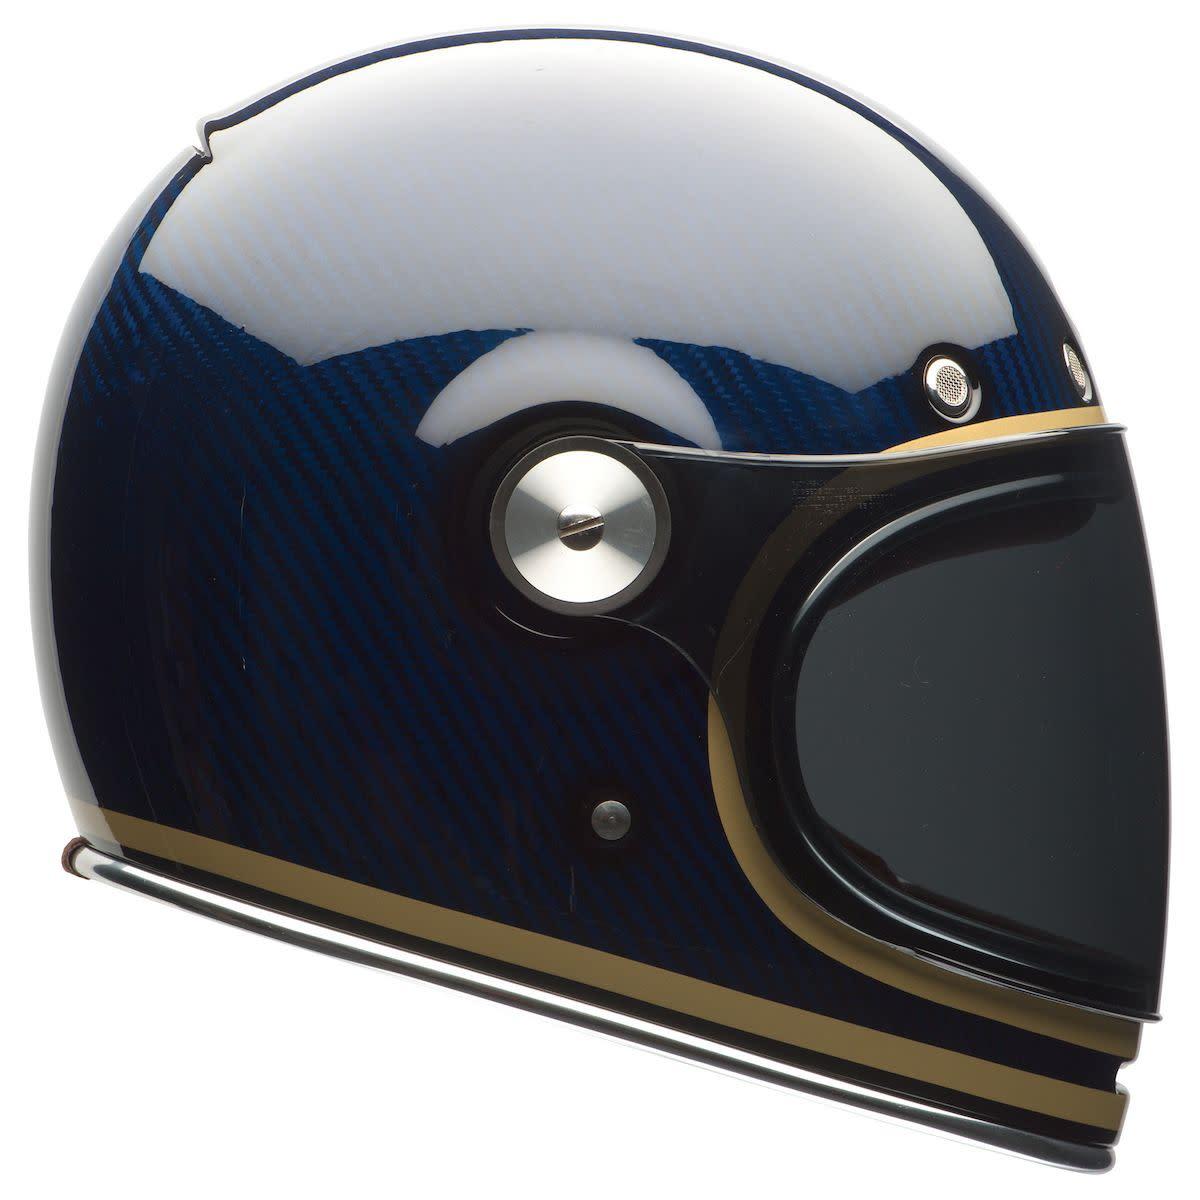 Bell Bullitt Carbon Fiber Helmet